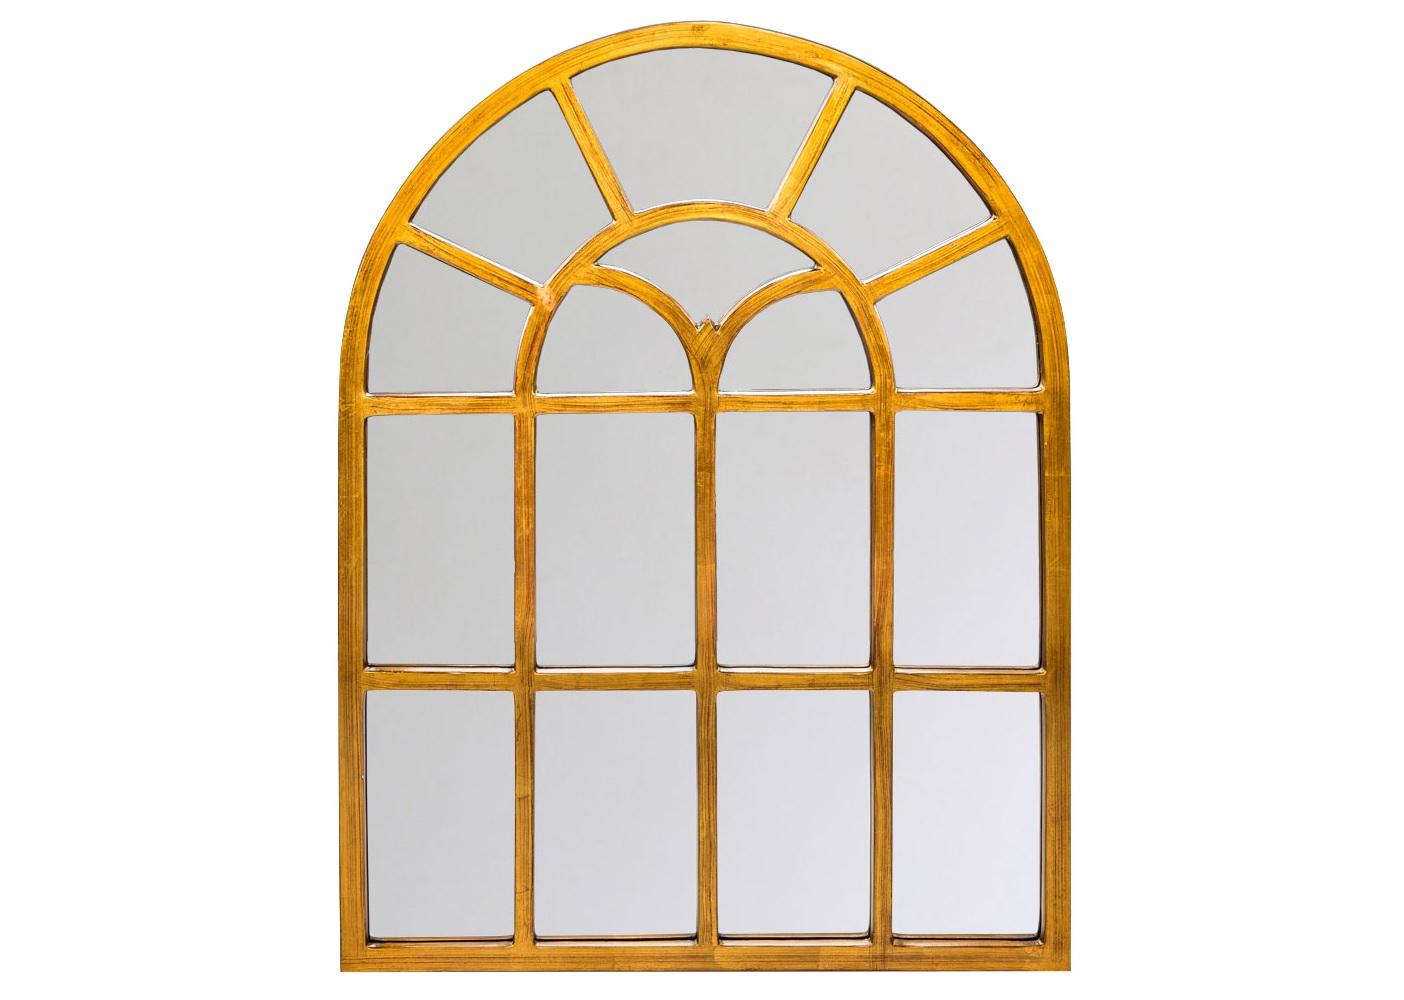 Настенное зеркало КастильонНастенные зеркала<br>Зеркало &amp;quot;Кастильон&amp;quot; спешит украсить  авангардные интерьеры &amp;quot;лофт&amp;quot;, &amp;quot;индастриал&amp;quot;, &amp;quot;шале&amp;quot; и &amp;quot;модерн&amp;quot;. Приглушенный золотой тон создает атмосферу гармонии, позитивные эмоции. Мода на компактные предметы интерьера никак не относится к зеркалу, для которого размер важен не меньше, чем дизайн. Зеркало имеет контурный фацет, покрыто серебряной амальгамой. Рама изготовлена из полиуретана, который  достоверно имитирует любые материалы. На первый взгляд оправа зеркала &amp;quot;Кастильон&amp;quot; не отличается от металлической.<br><br>Material: Полиуретан<br>Ширина см: 80.5<br>Высота см: 106.2<br>Глубина см: 2.0